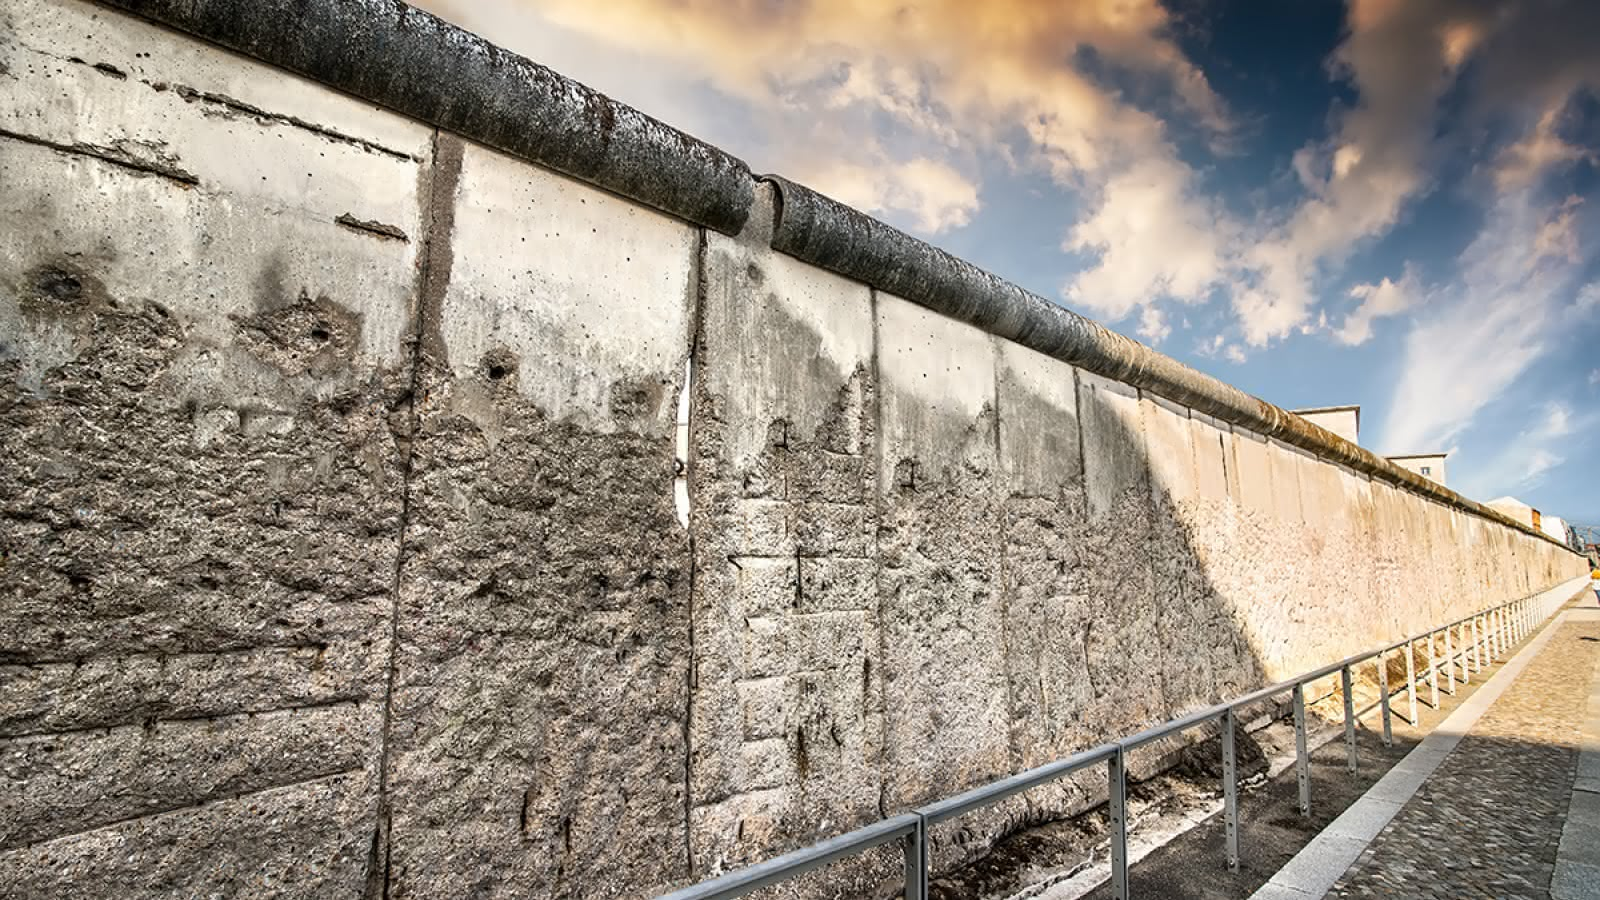 Berlin Wall 1